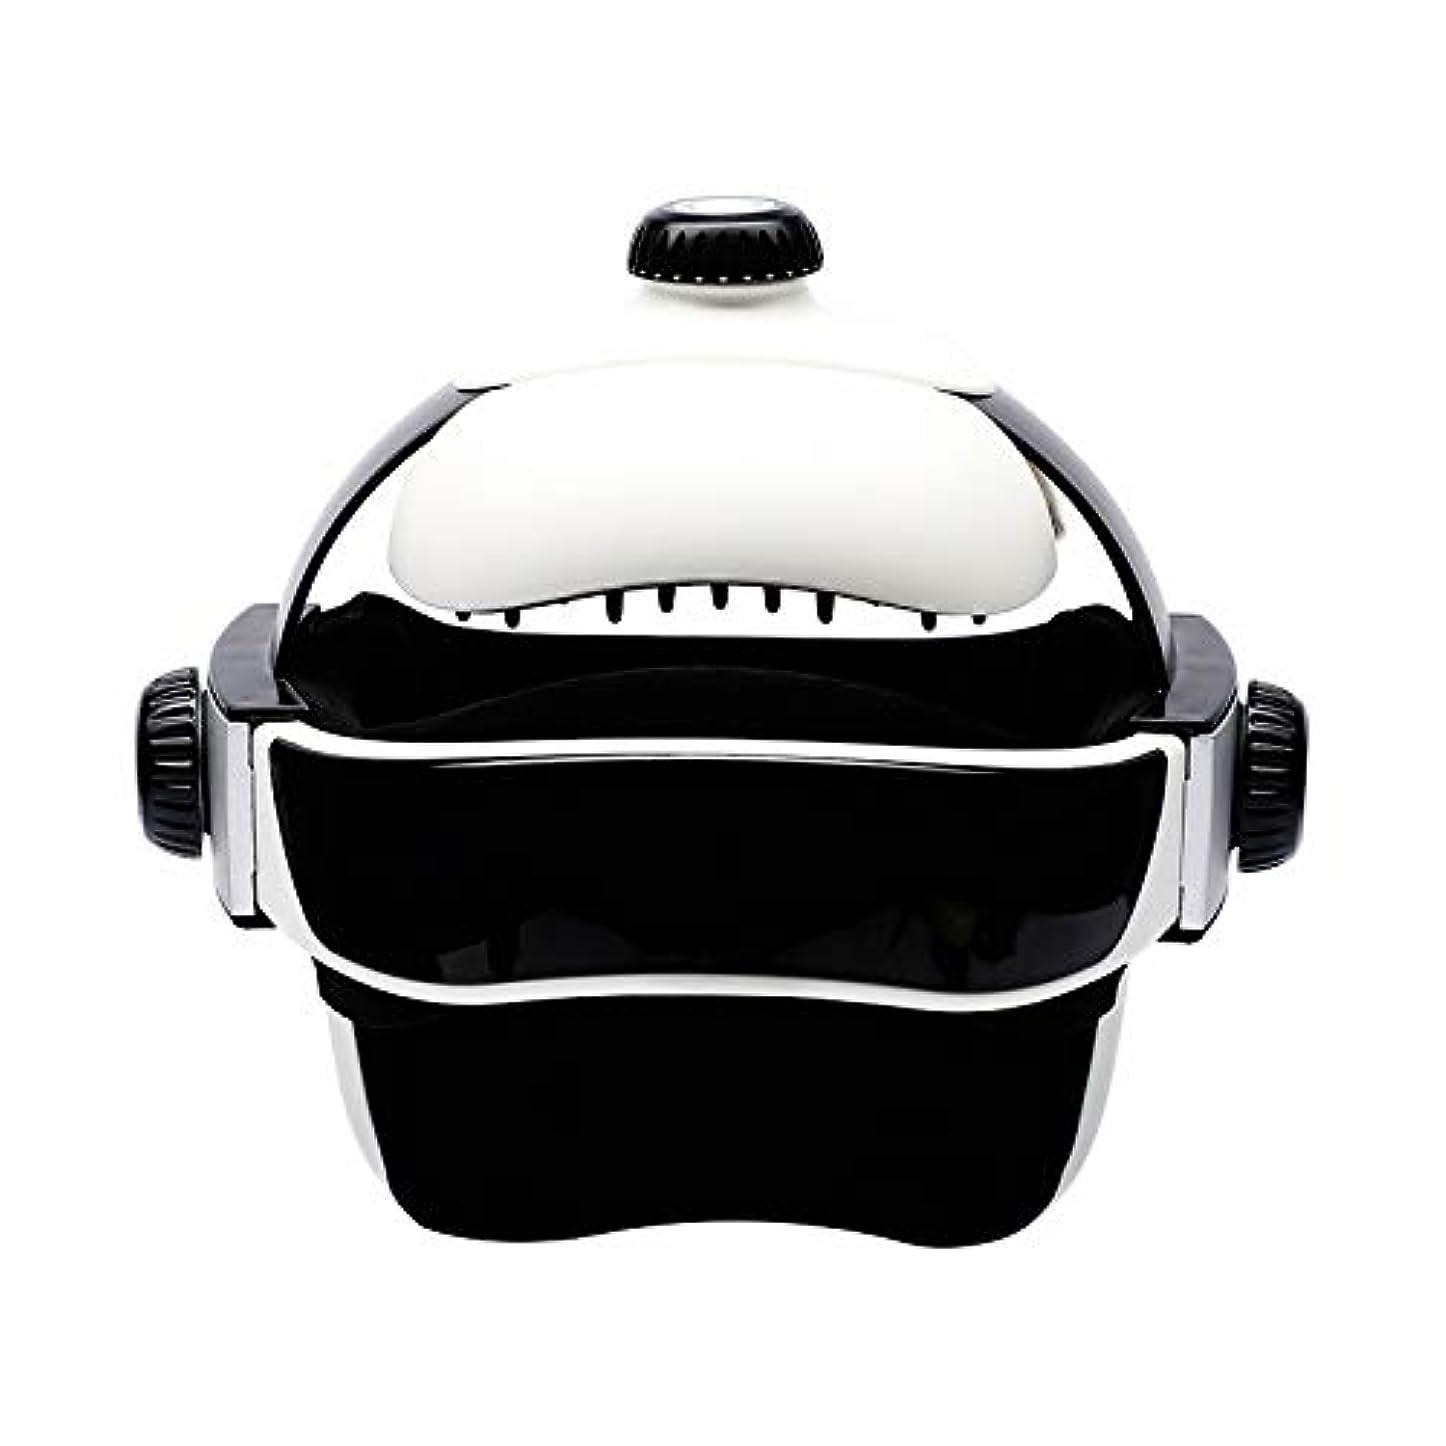 絶望ダウンタウン深遠ヘルメットの電動が機能している頭皮は同じタイプのマッサージ器です [並行輸入品]